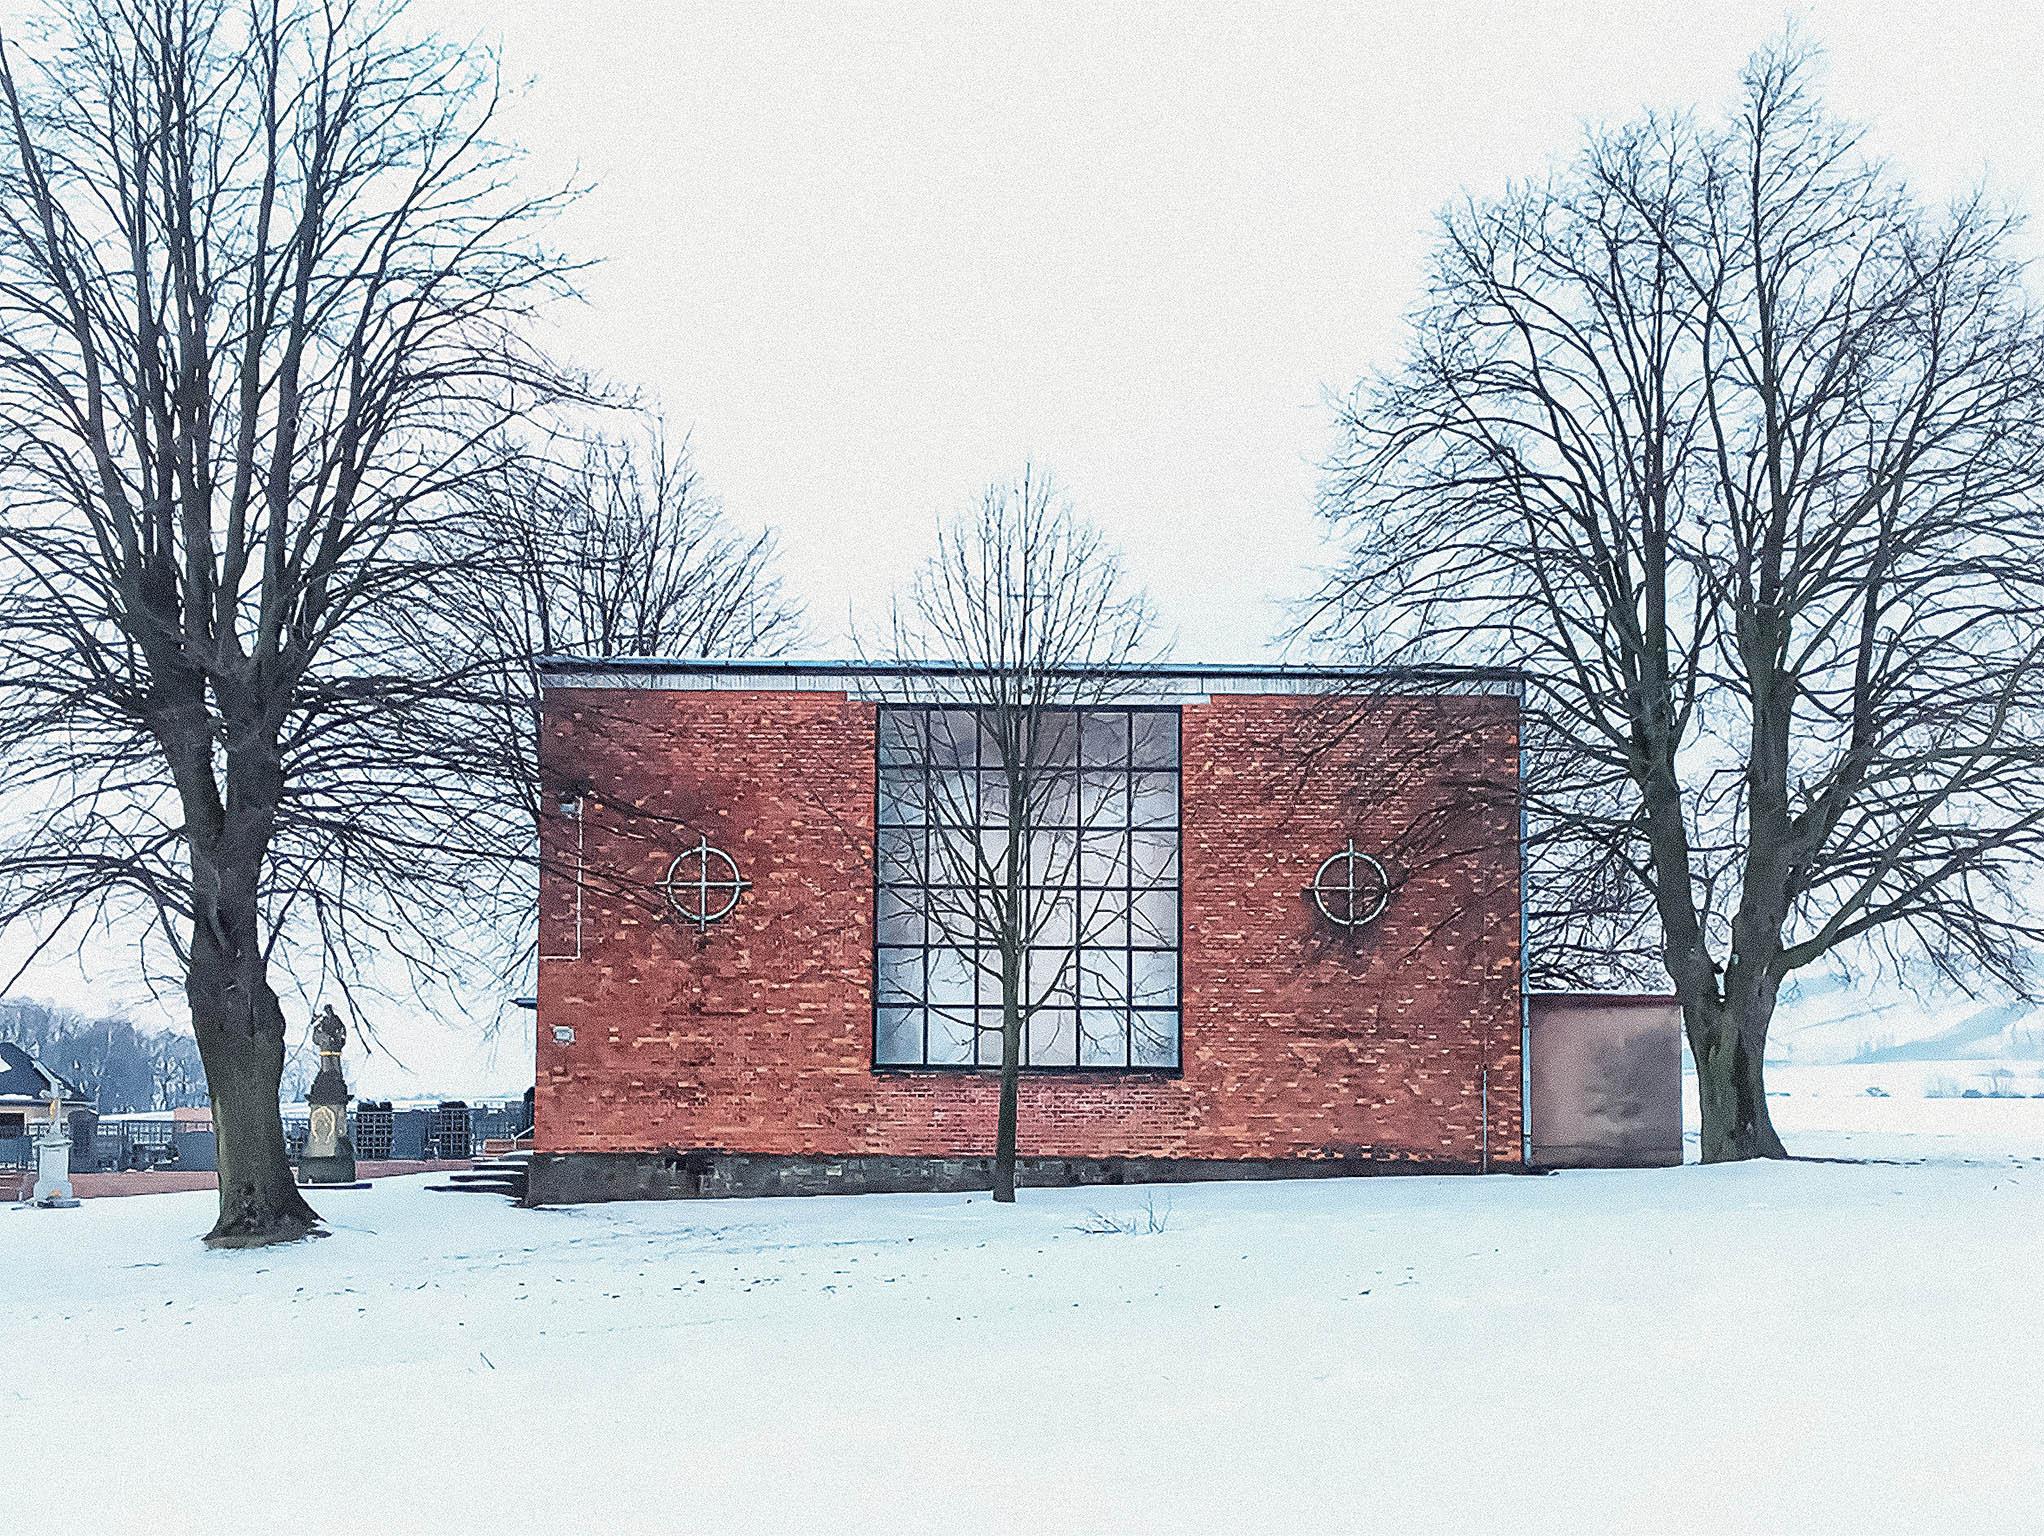 František Lydie Gahura, dvorní architekt Tomáše Bati, řešil třeba stavbu zlínské radnice. Ipřesto ale vytvořil pro malou obec jedinečnou kapli zrežných cihel.